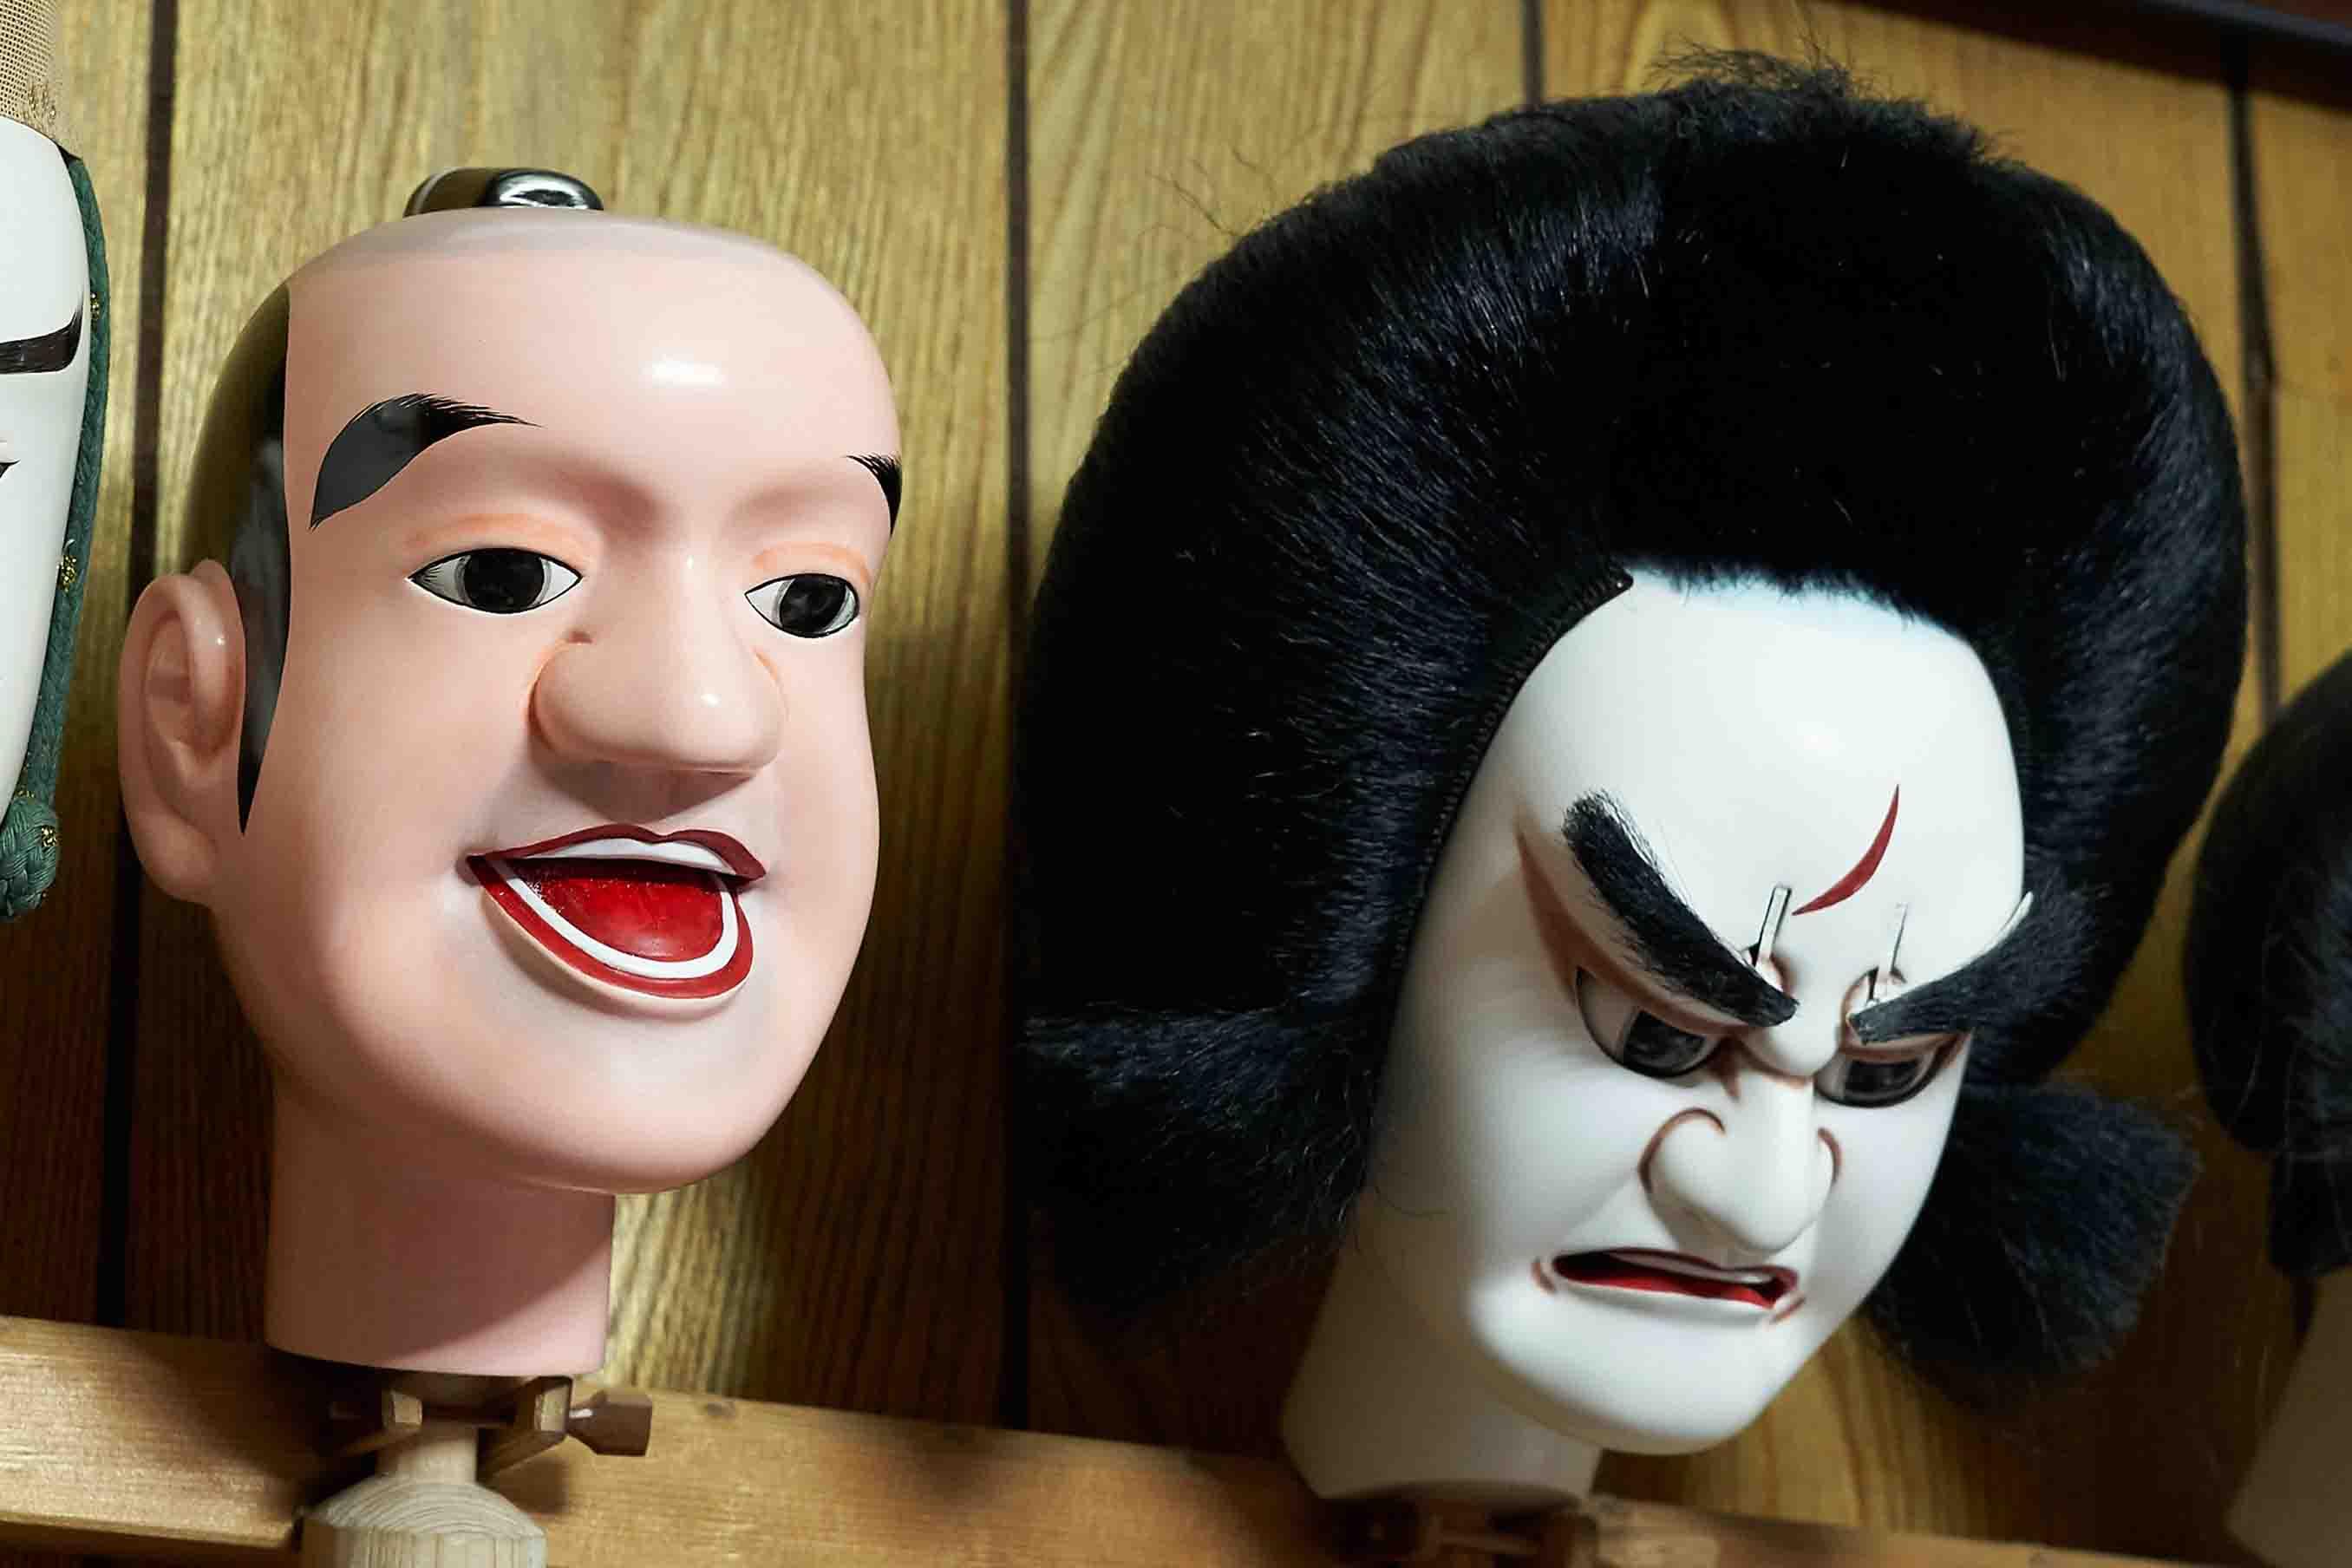 ツヤ仕上げの頭 (左) と、マットな仕上げの頭 (右)